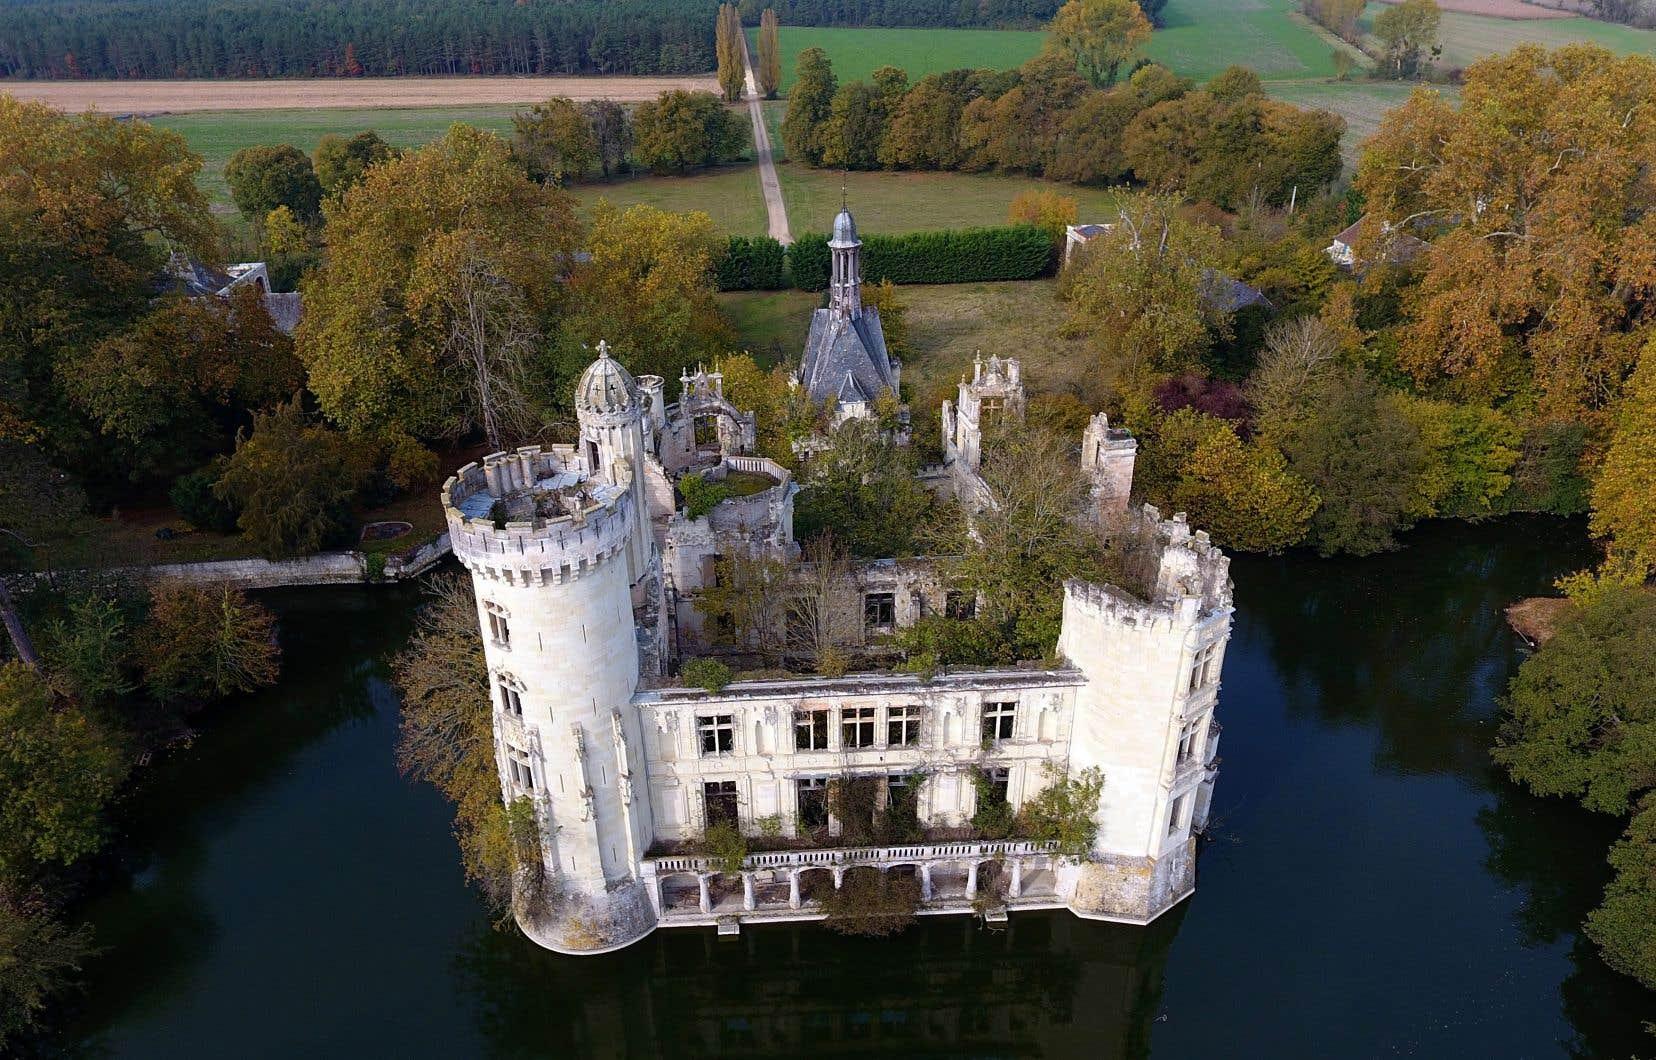 Vue aérienne du château La Mothe-Chandeniers